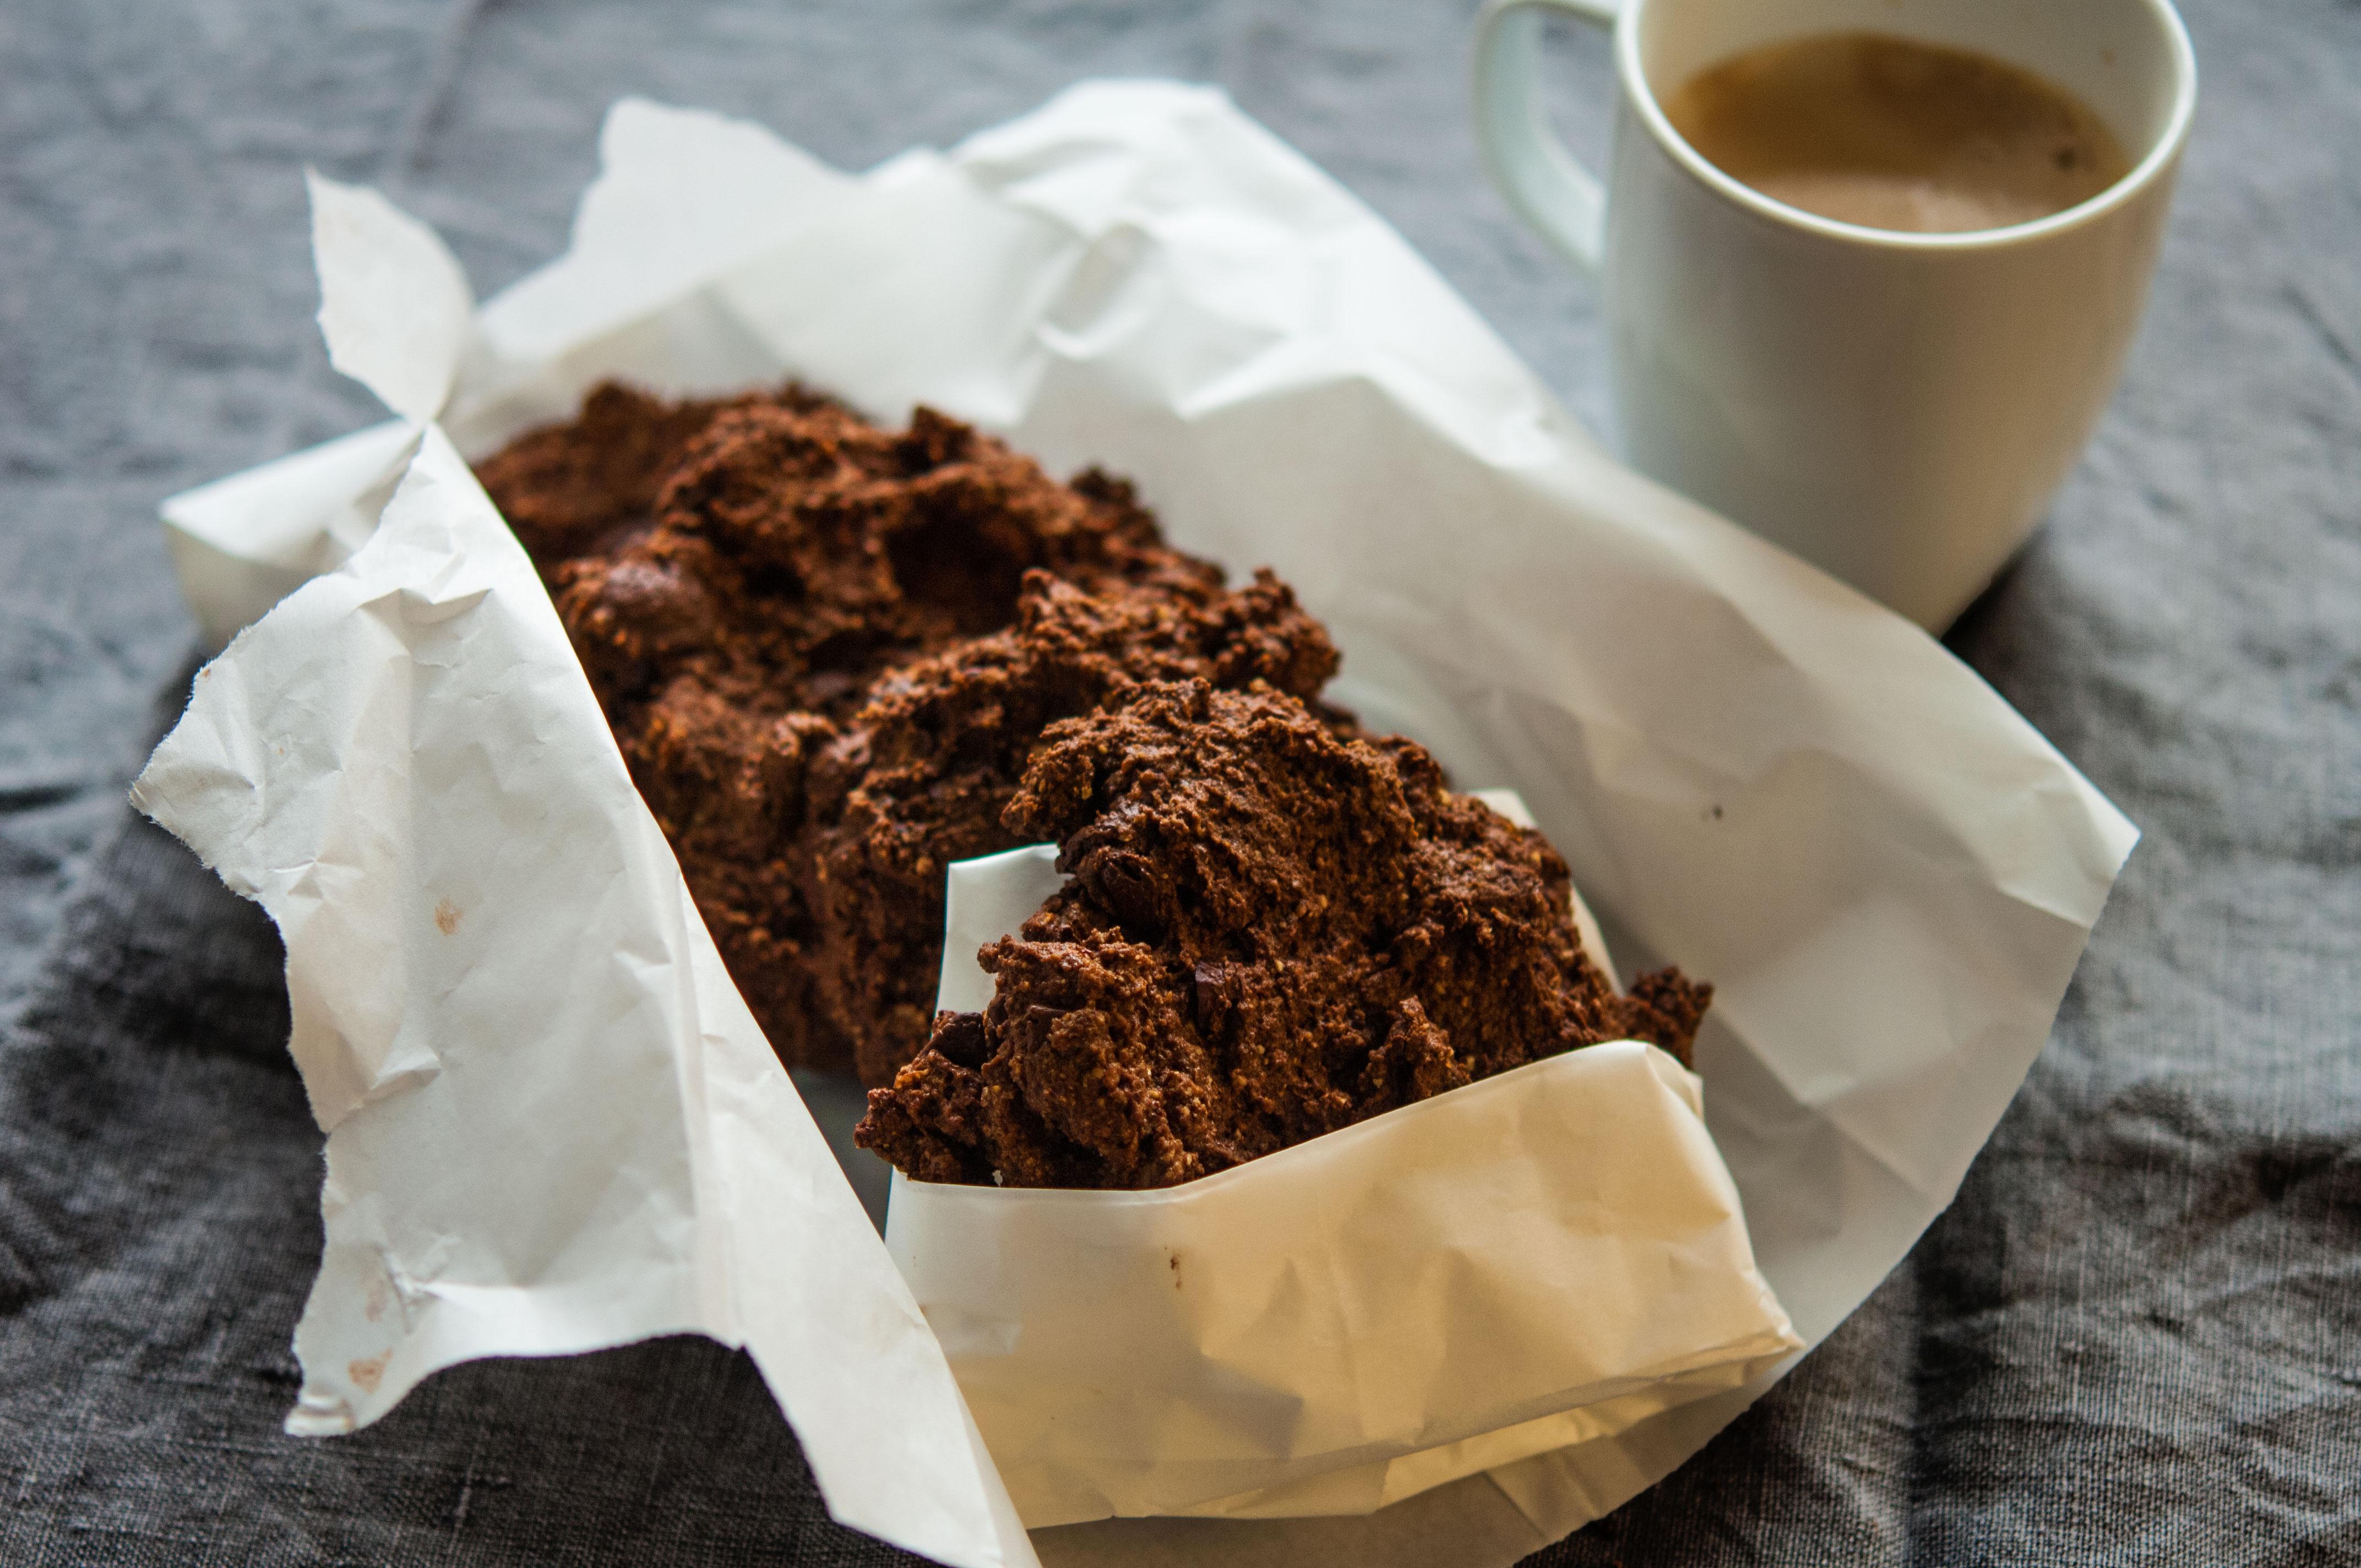 haselnuss schoko cookies nat rlich essen ab heute gesund. Black Bedroom Furniture Sets. Home Design Ideas